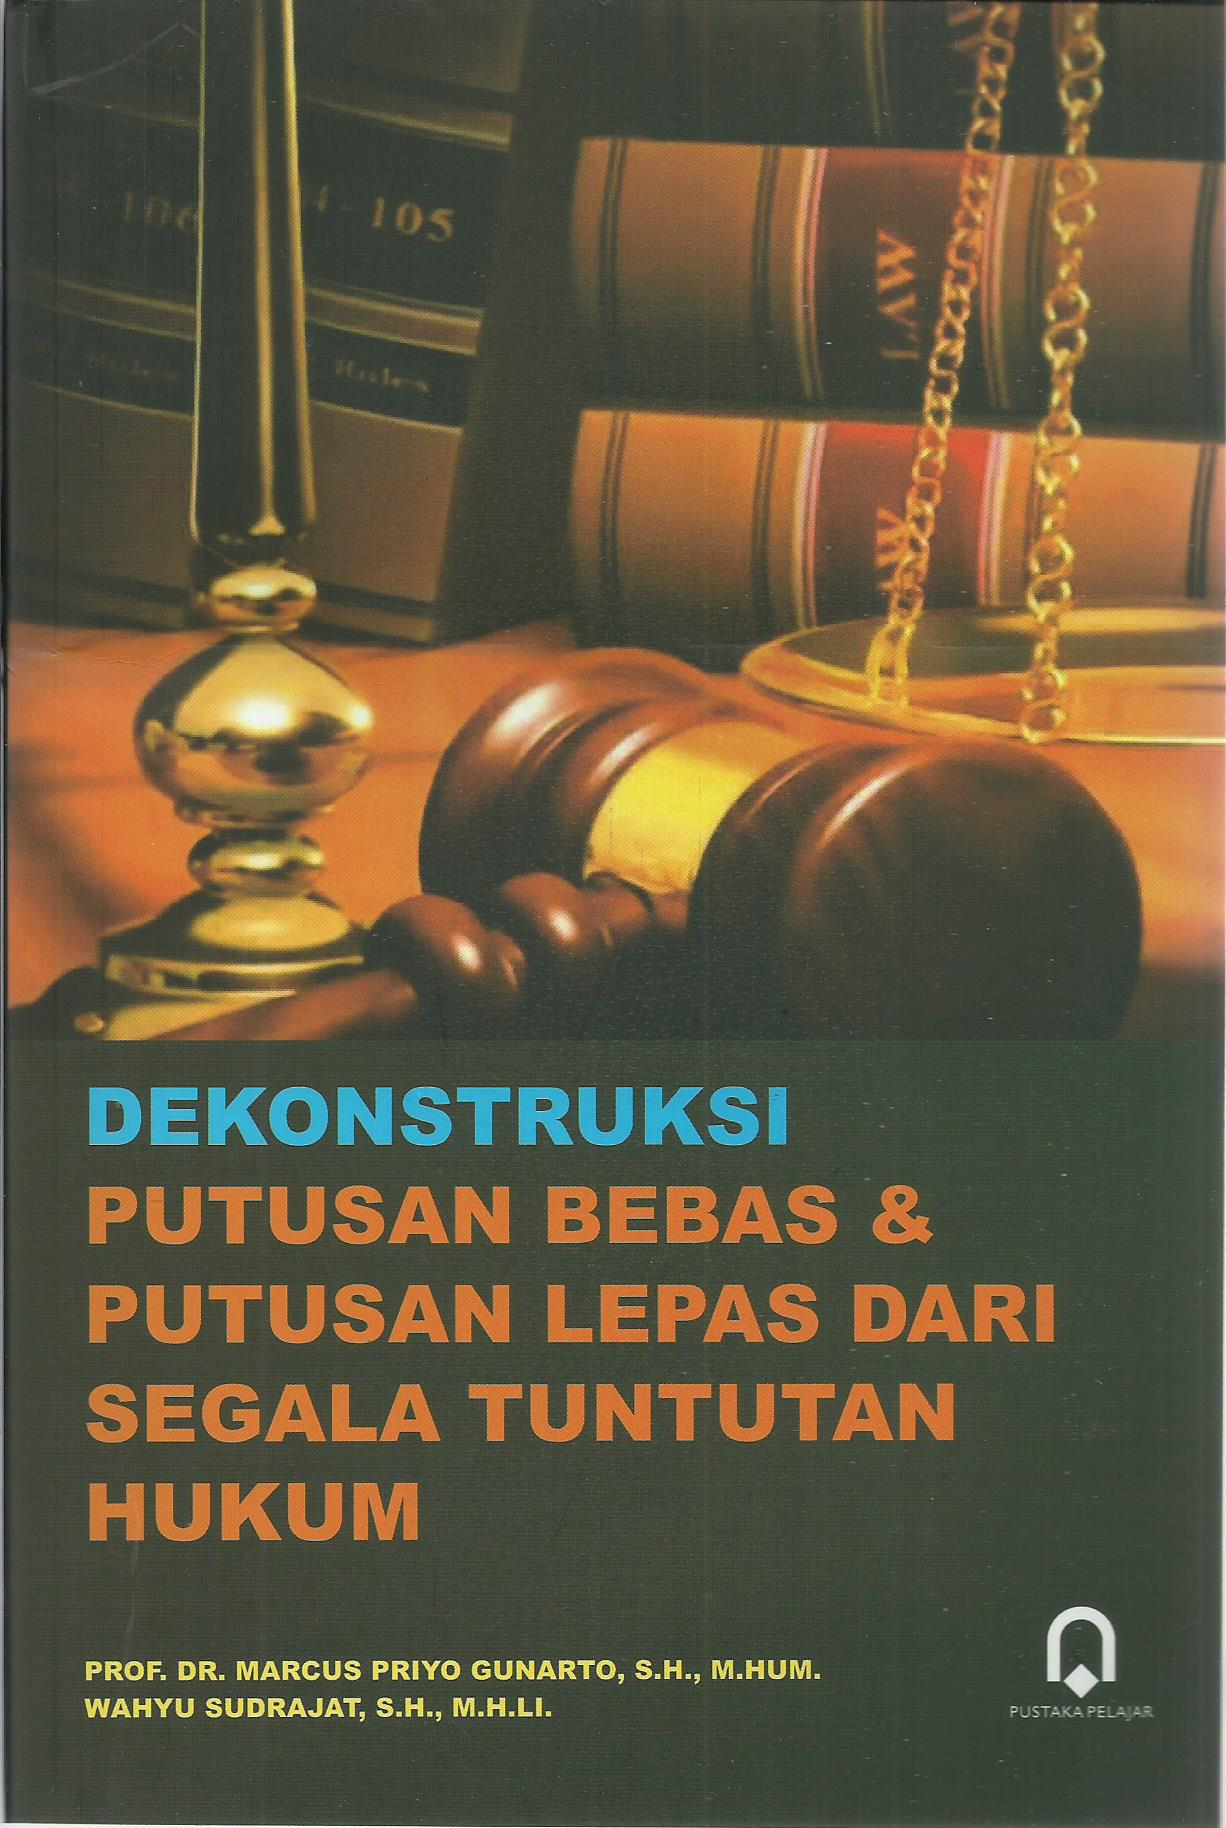 Dekonstruksi Putusan Bebas Dan Putusan Lepas Dari Segala Tuntutan Hukum